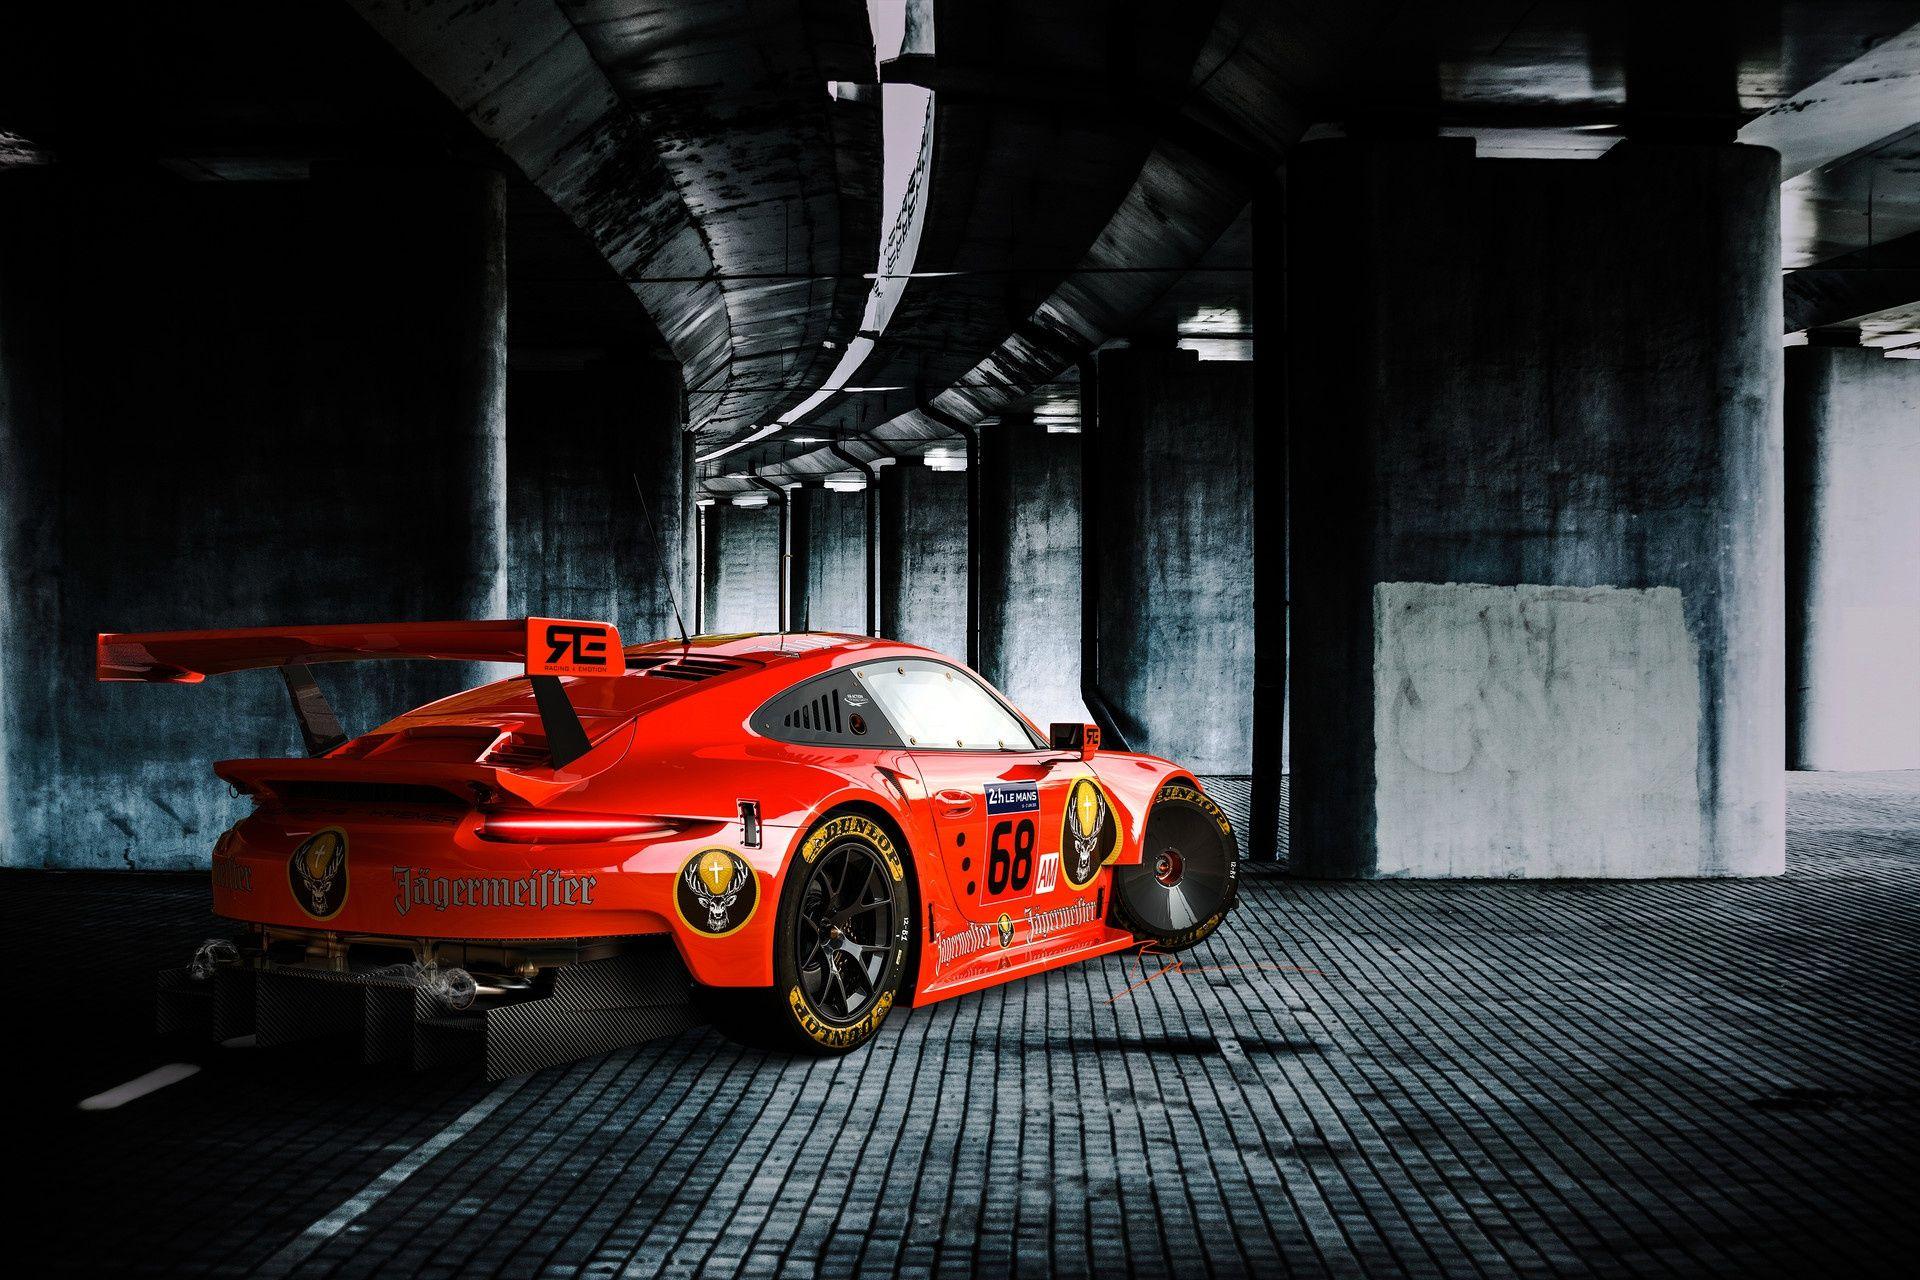 Pin By Jt On Porsche 1 Porsche Porsche 911 Rsr Sports Car Wallpaper